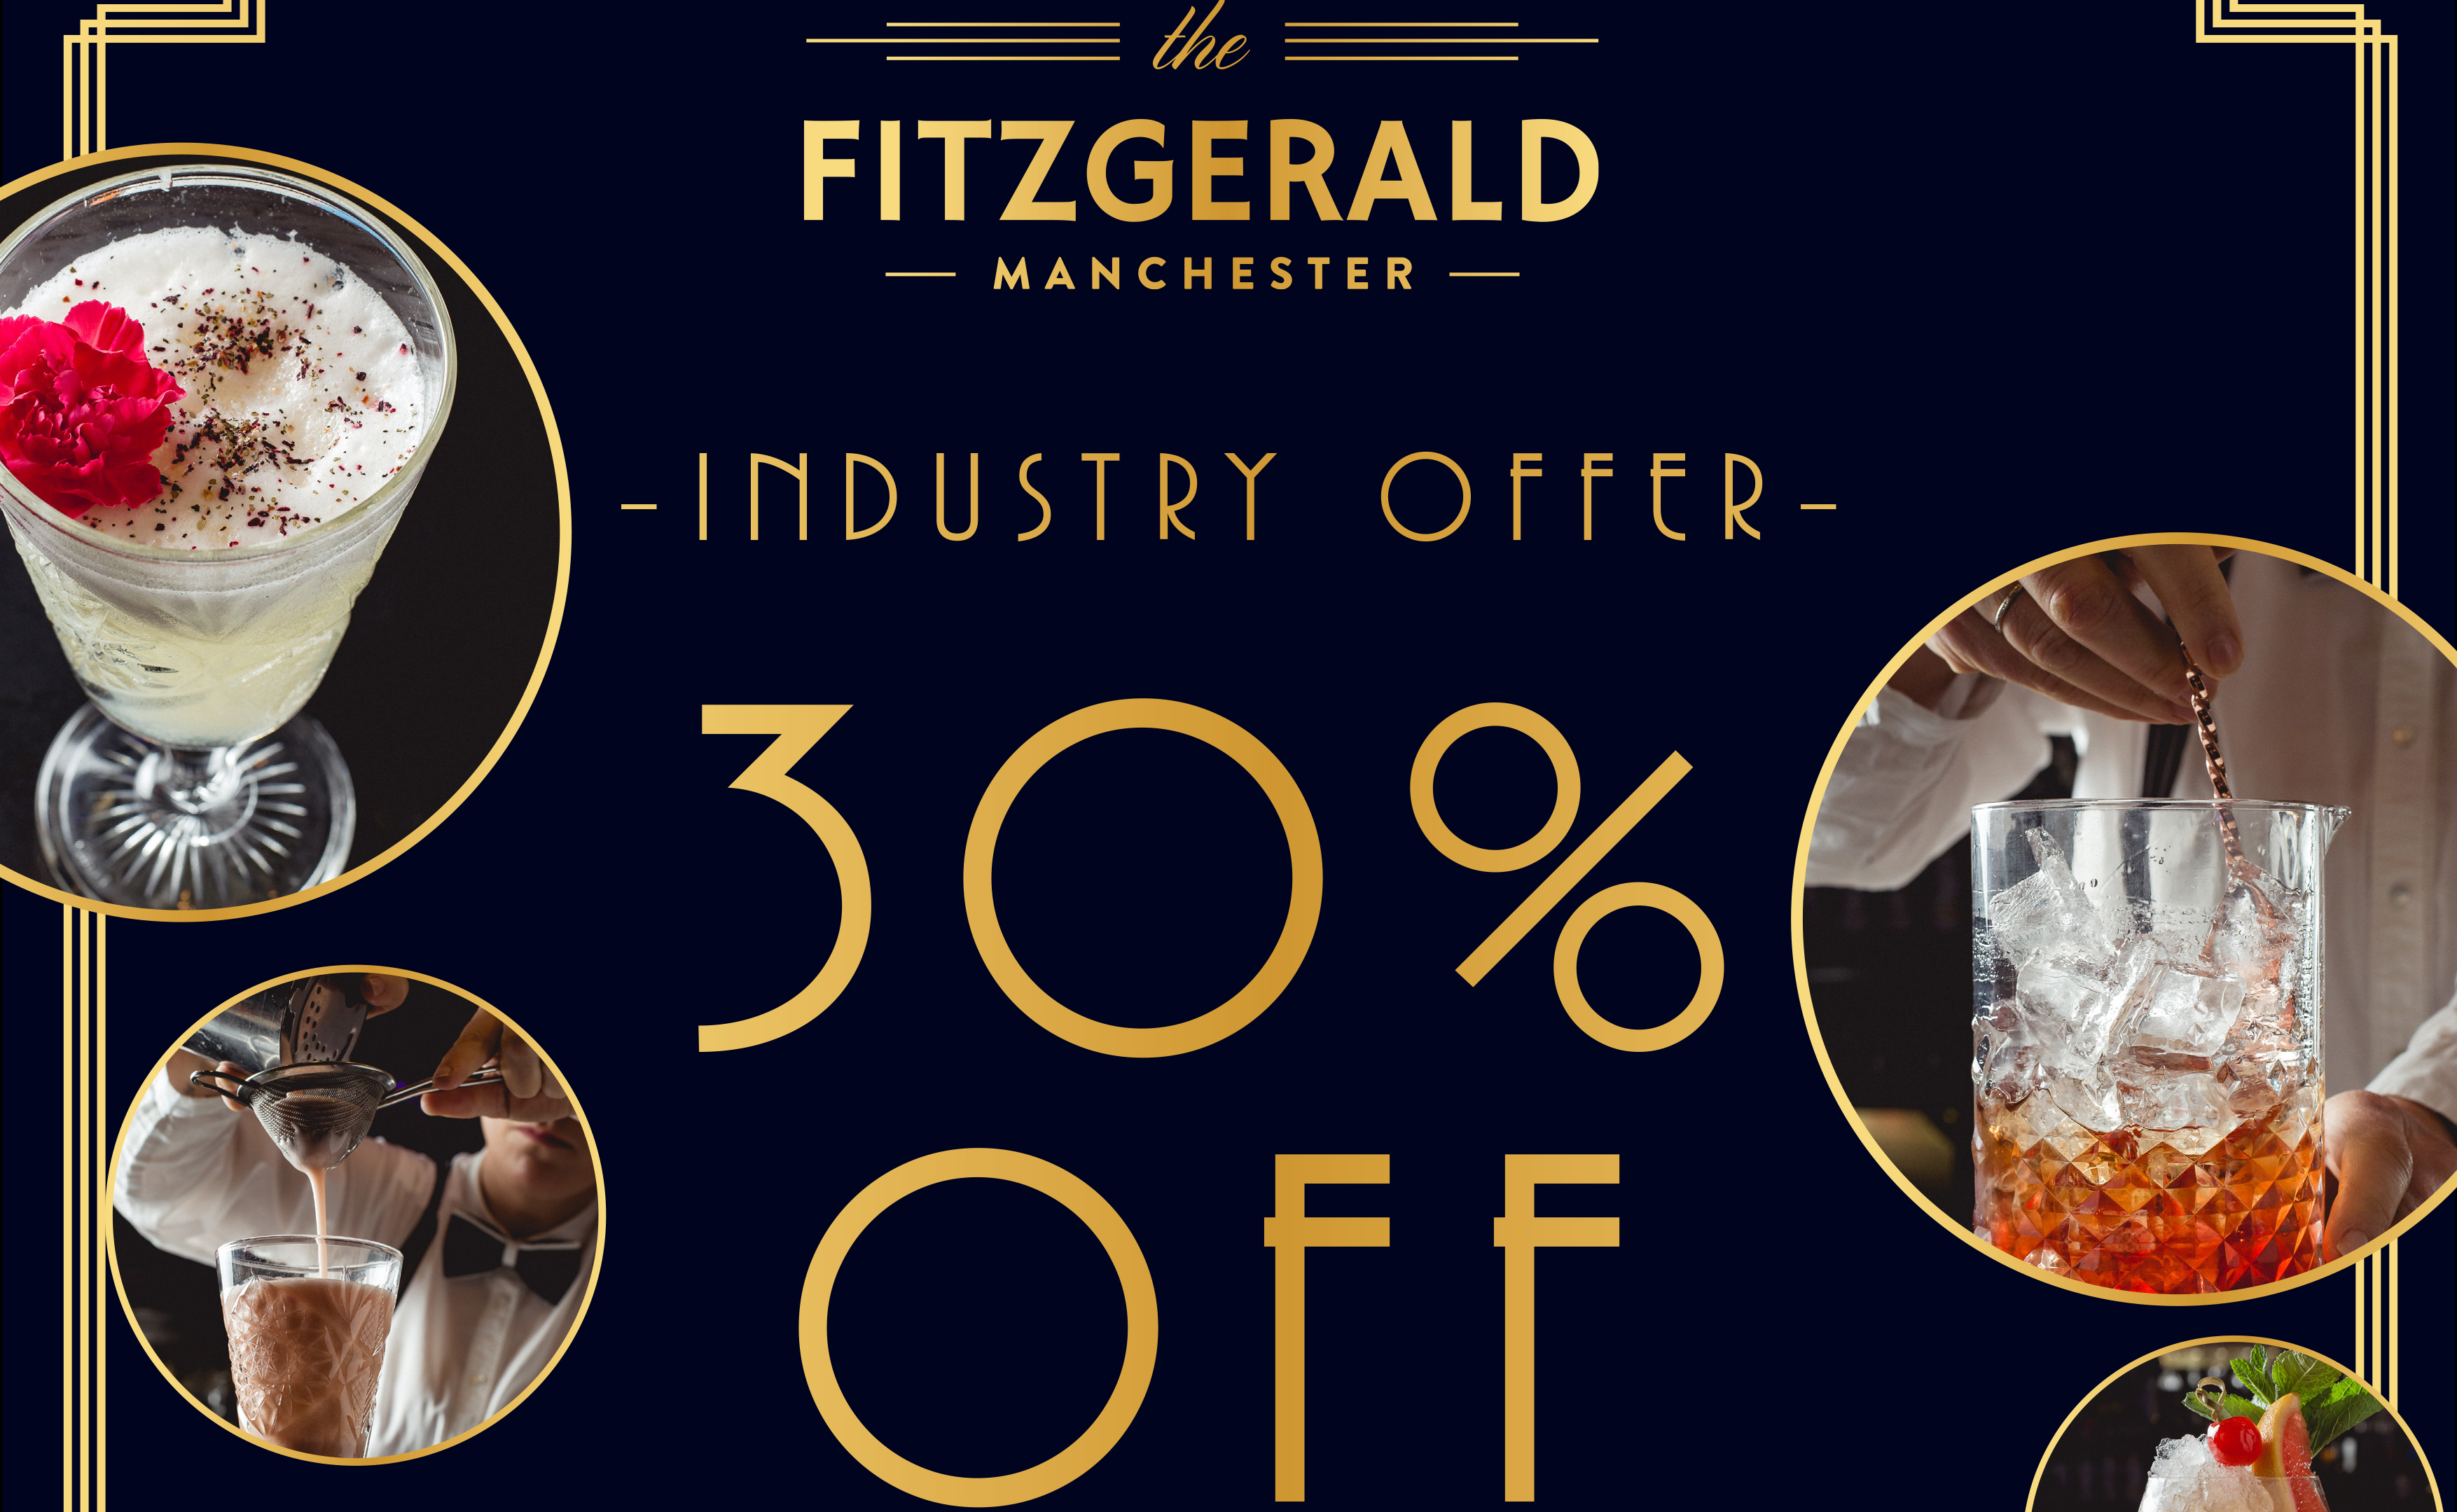 Fitzgerald Manchester